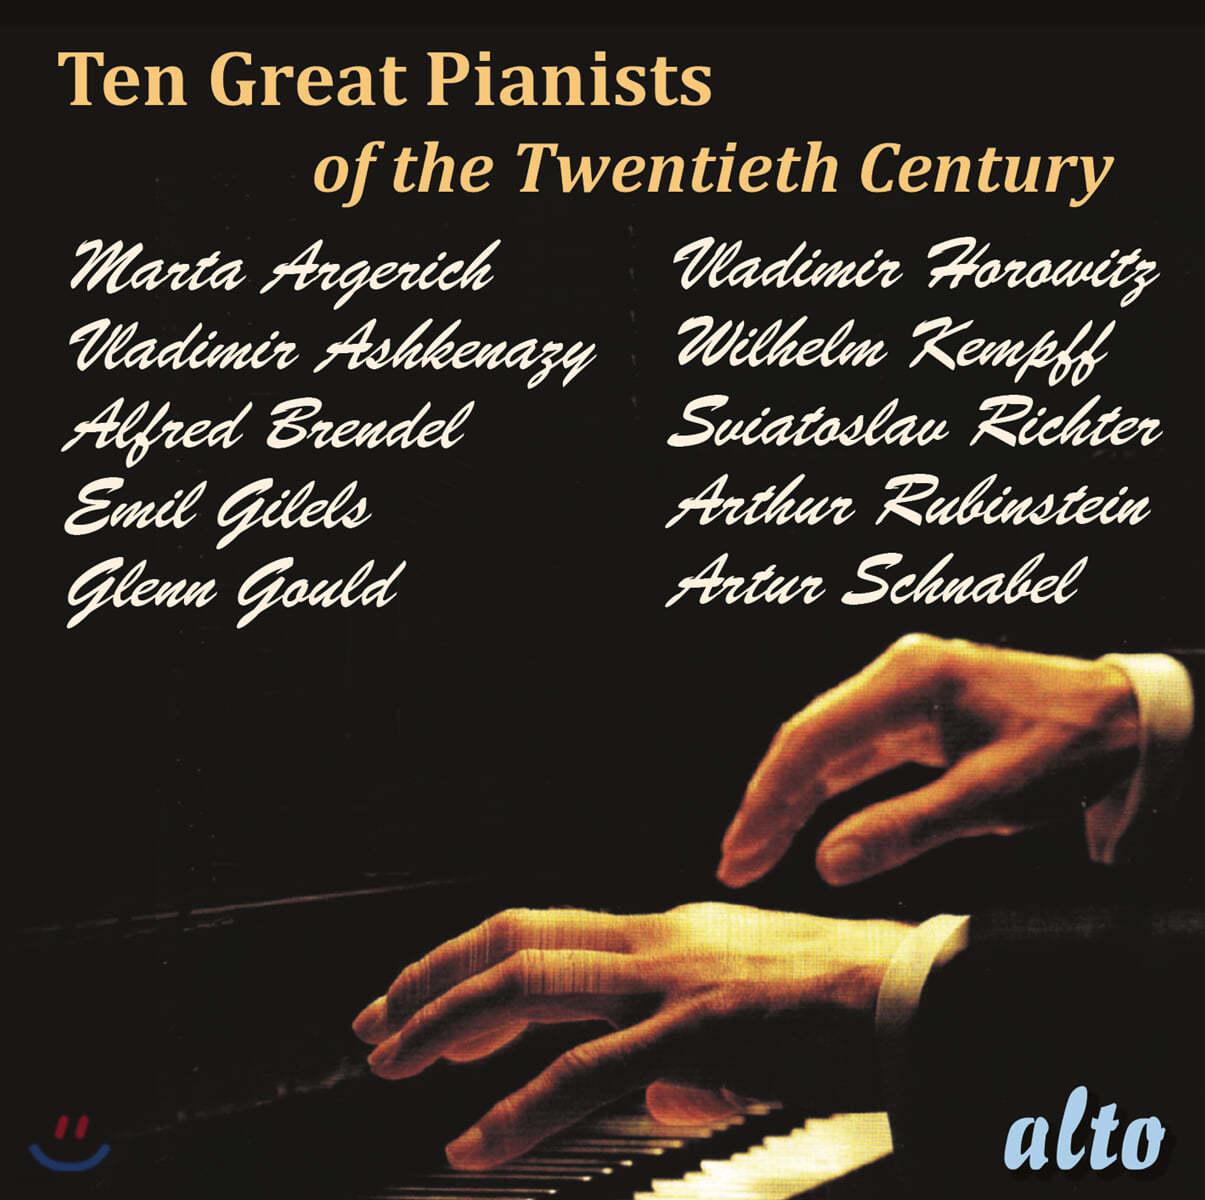 20세기 위대한 피아니스트 명연주 모음집 (Ten Great Pianists of the Twentieth Century)